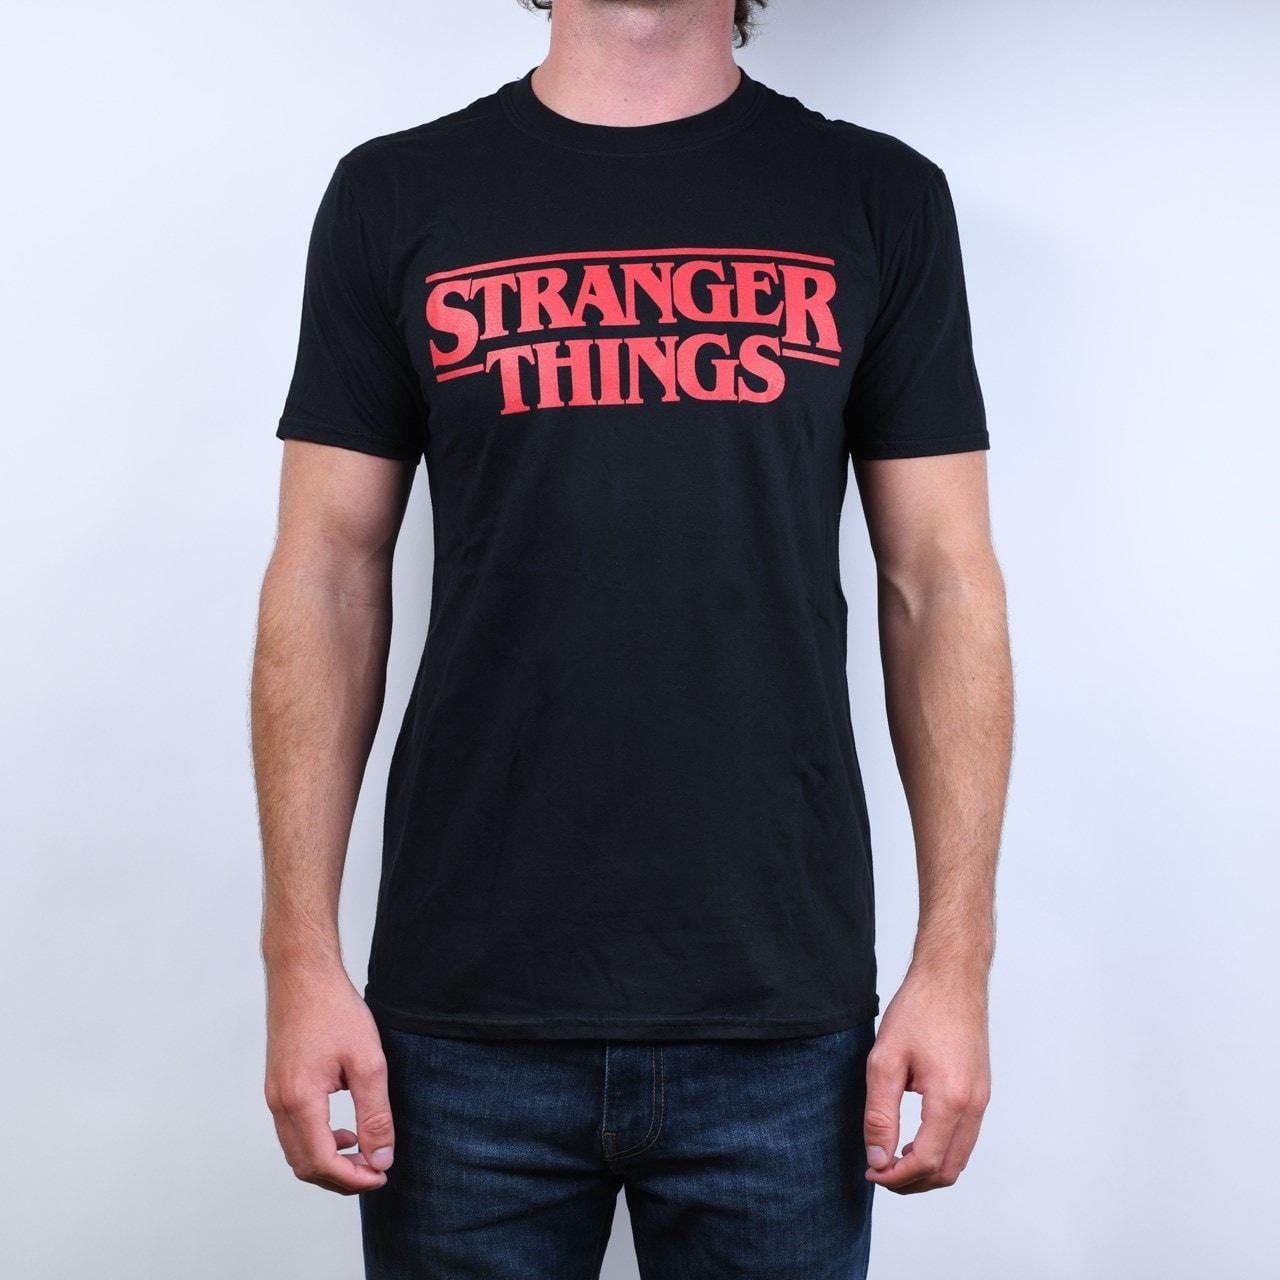 Stranger Things: Original Logo (hmv Exclusive) (Large) - 2